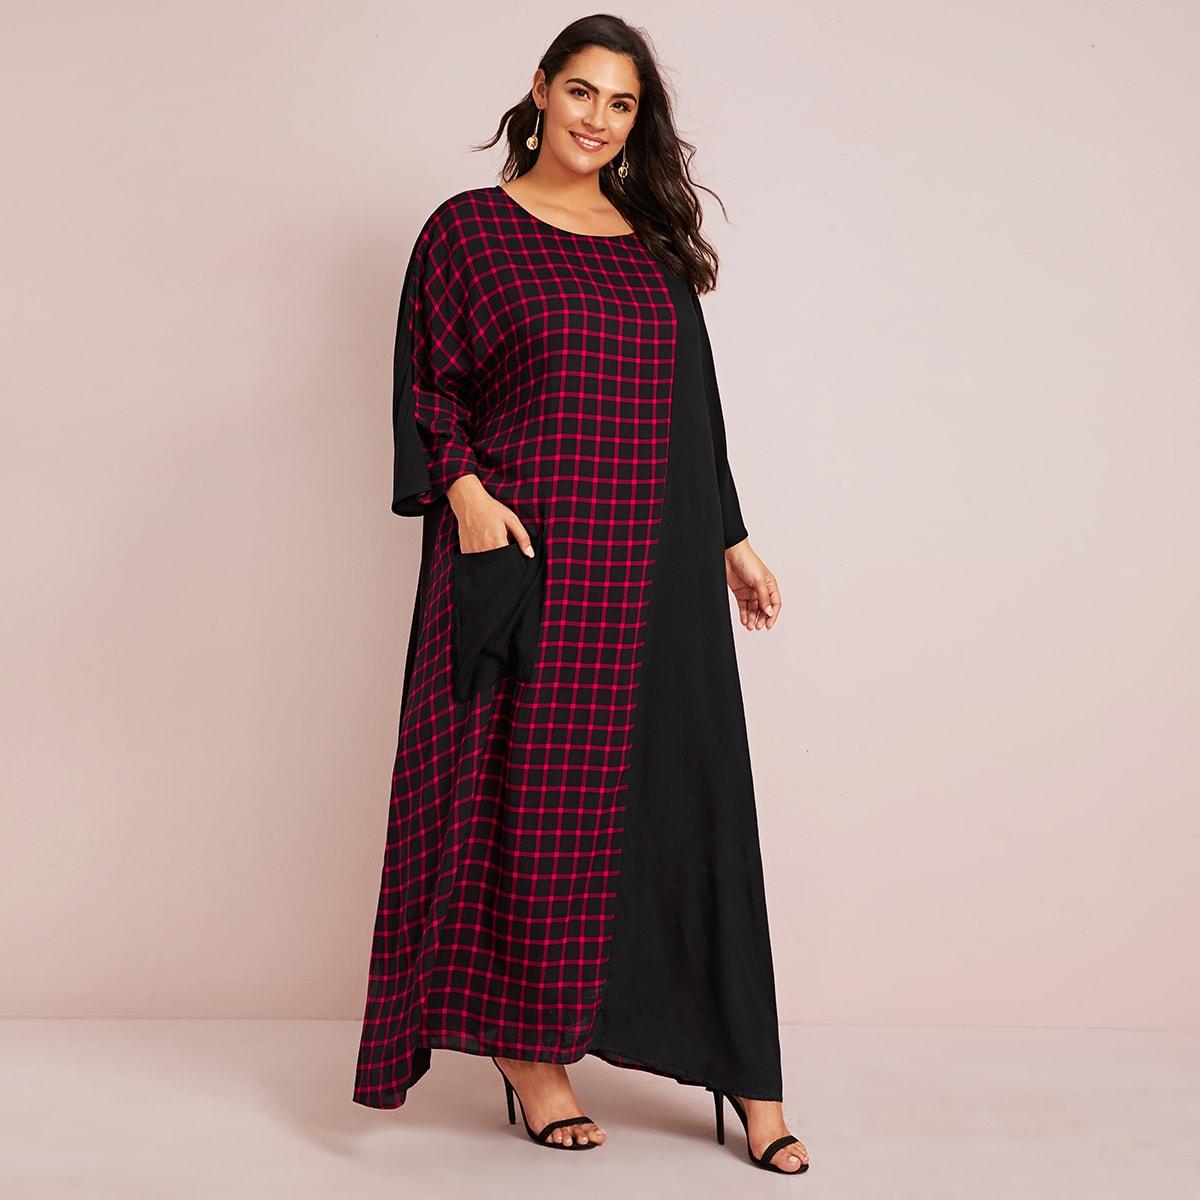 Контрастное платье в клетку размера плюс с карманом